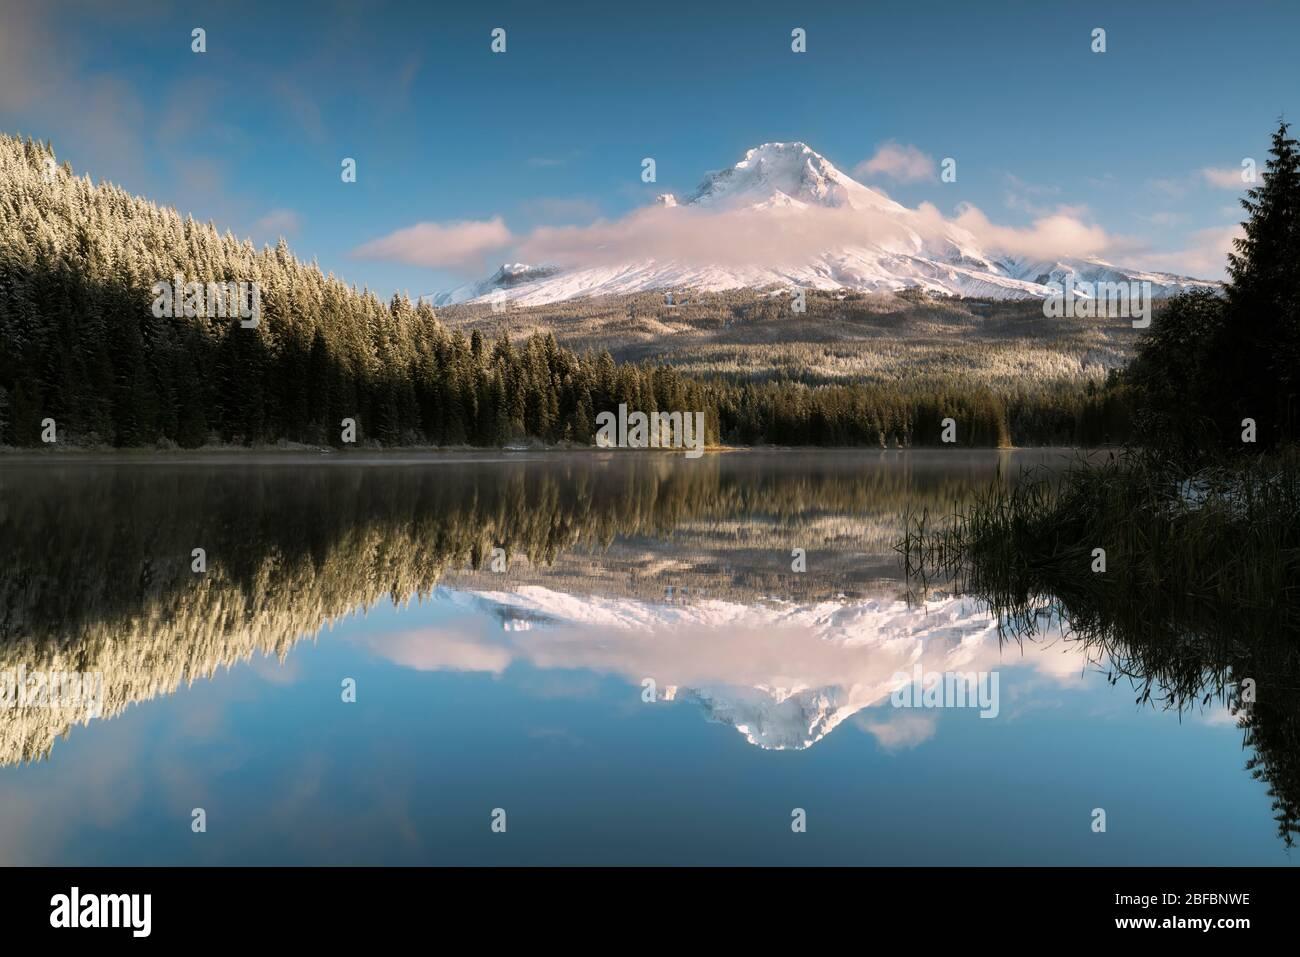 Le nuvole del mattino presto rivelano una fresca nevicata autunnale sulla vetta più alta dell'Oregon, il monte Hood che si riflette nel lago Trillium. Foto Stock